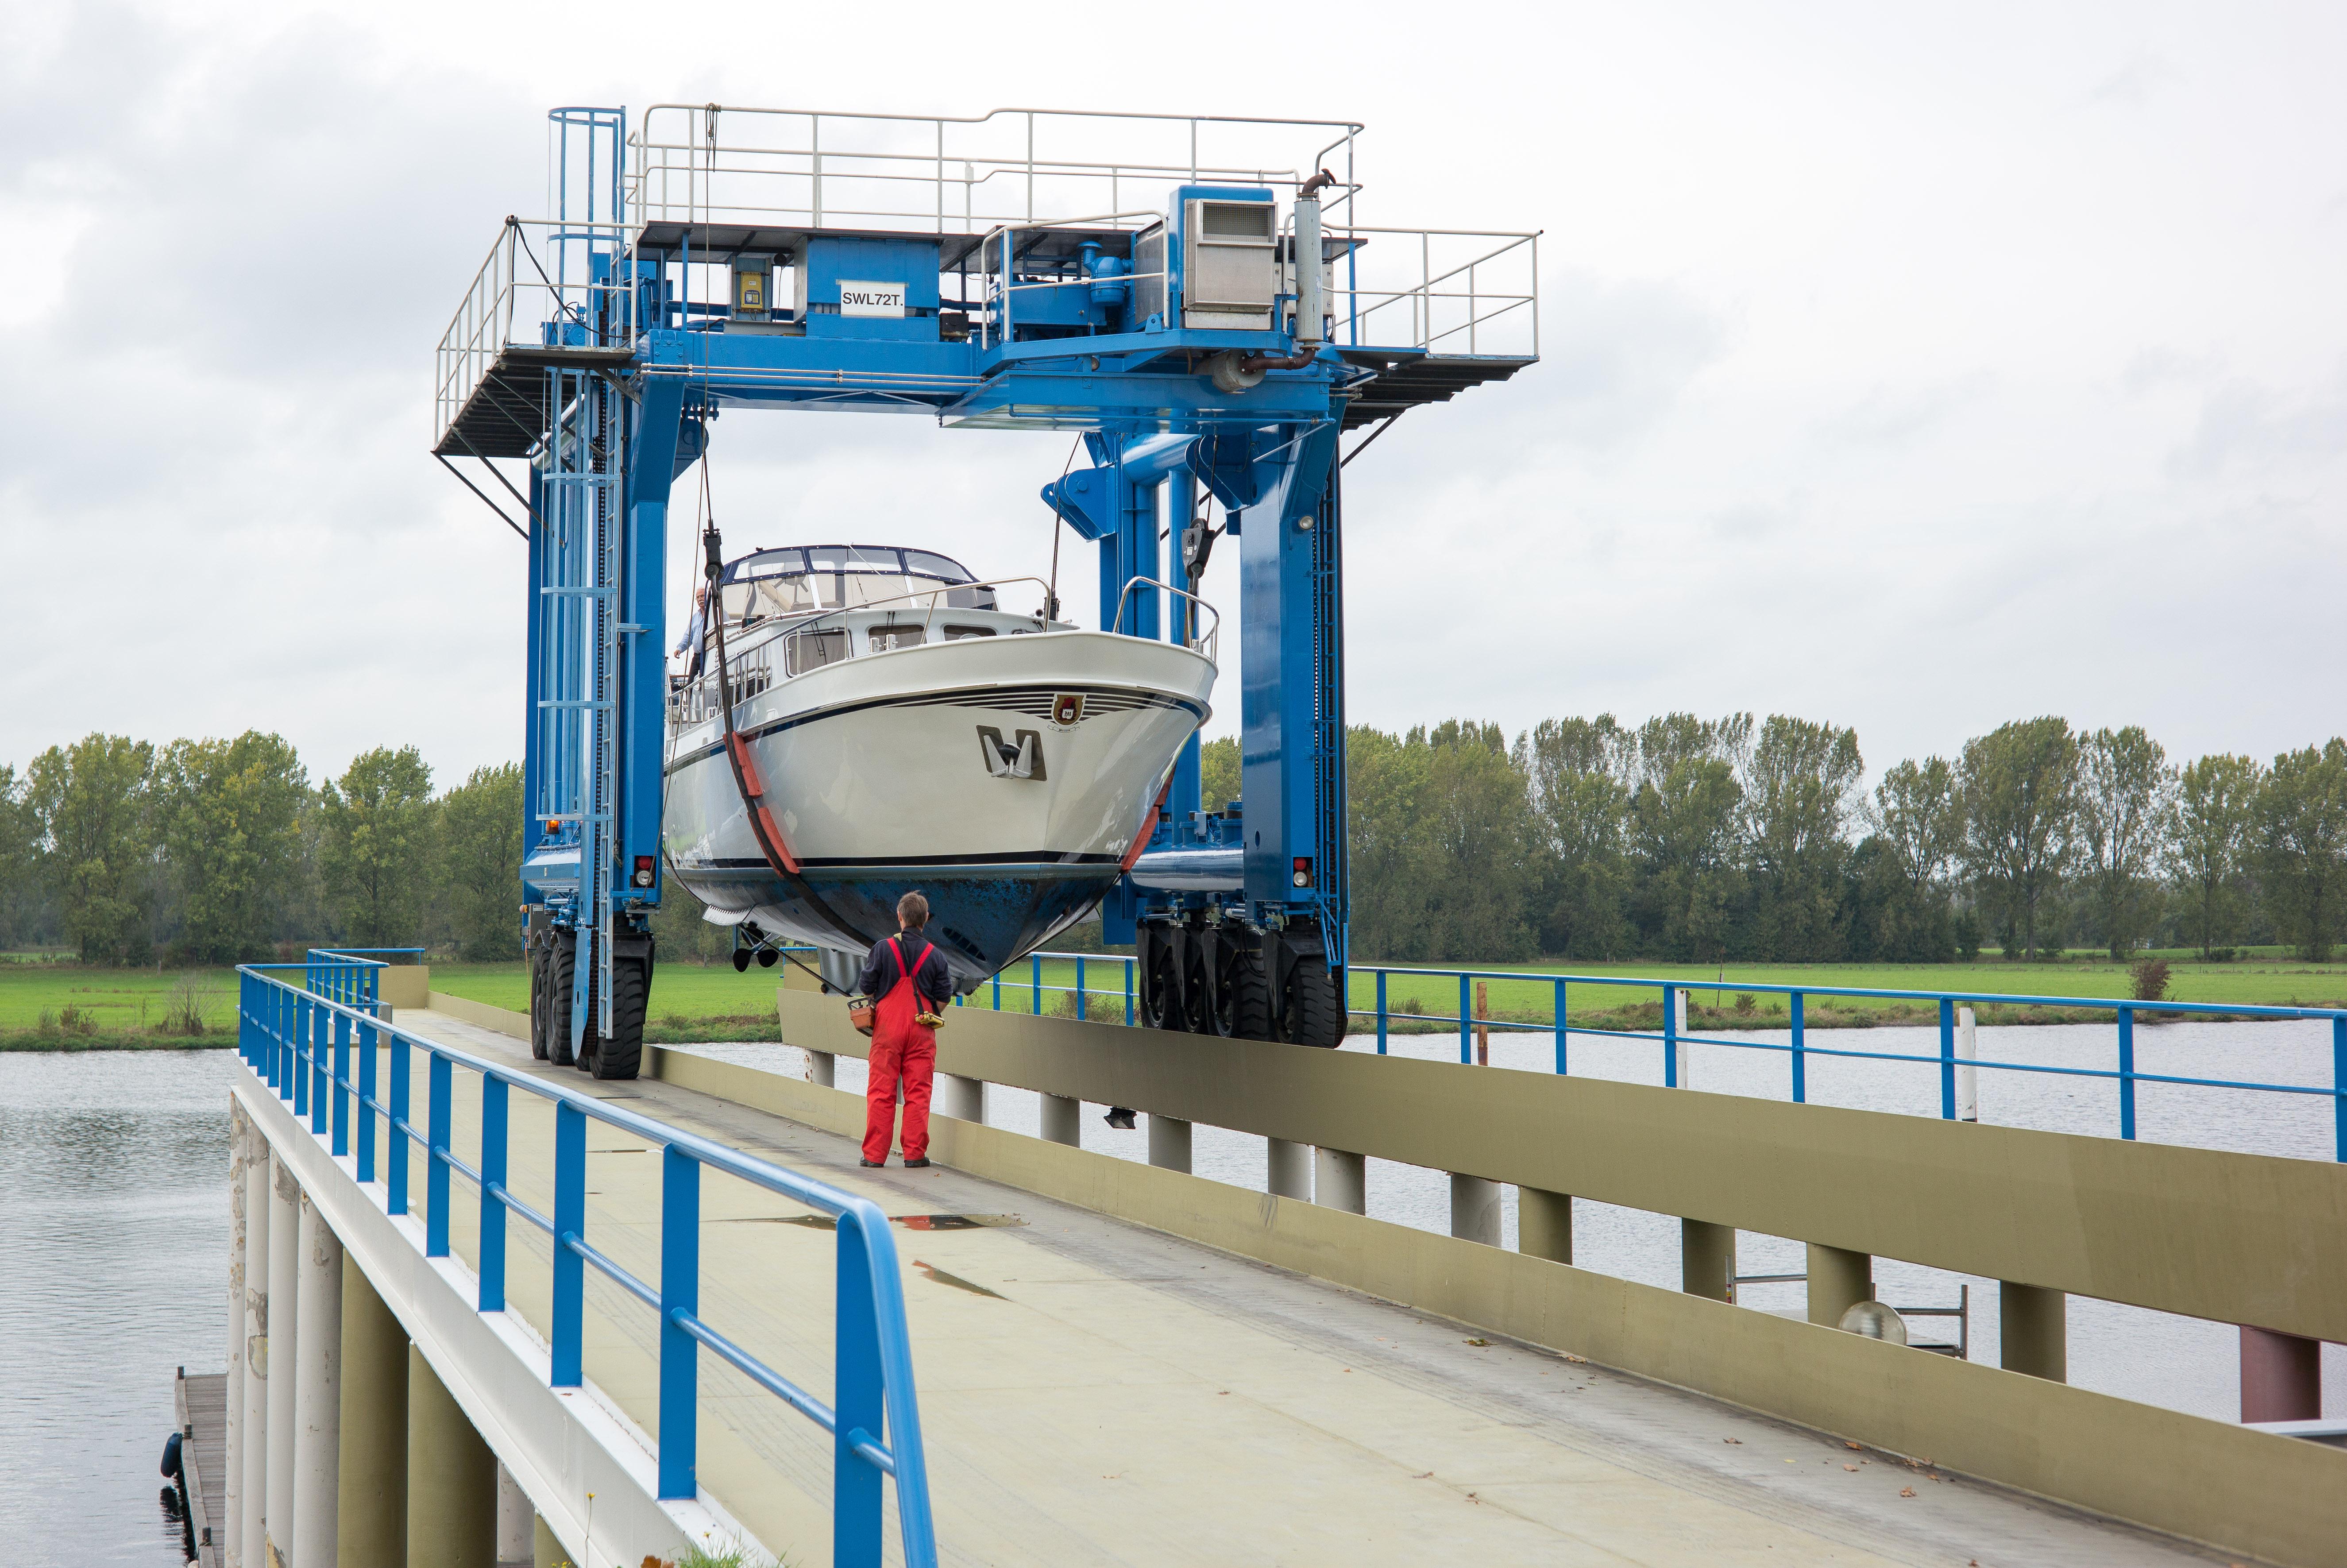 Kran Van der Laan Yachting